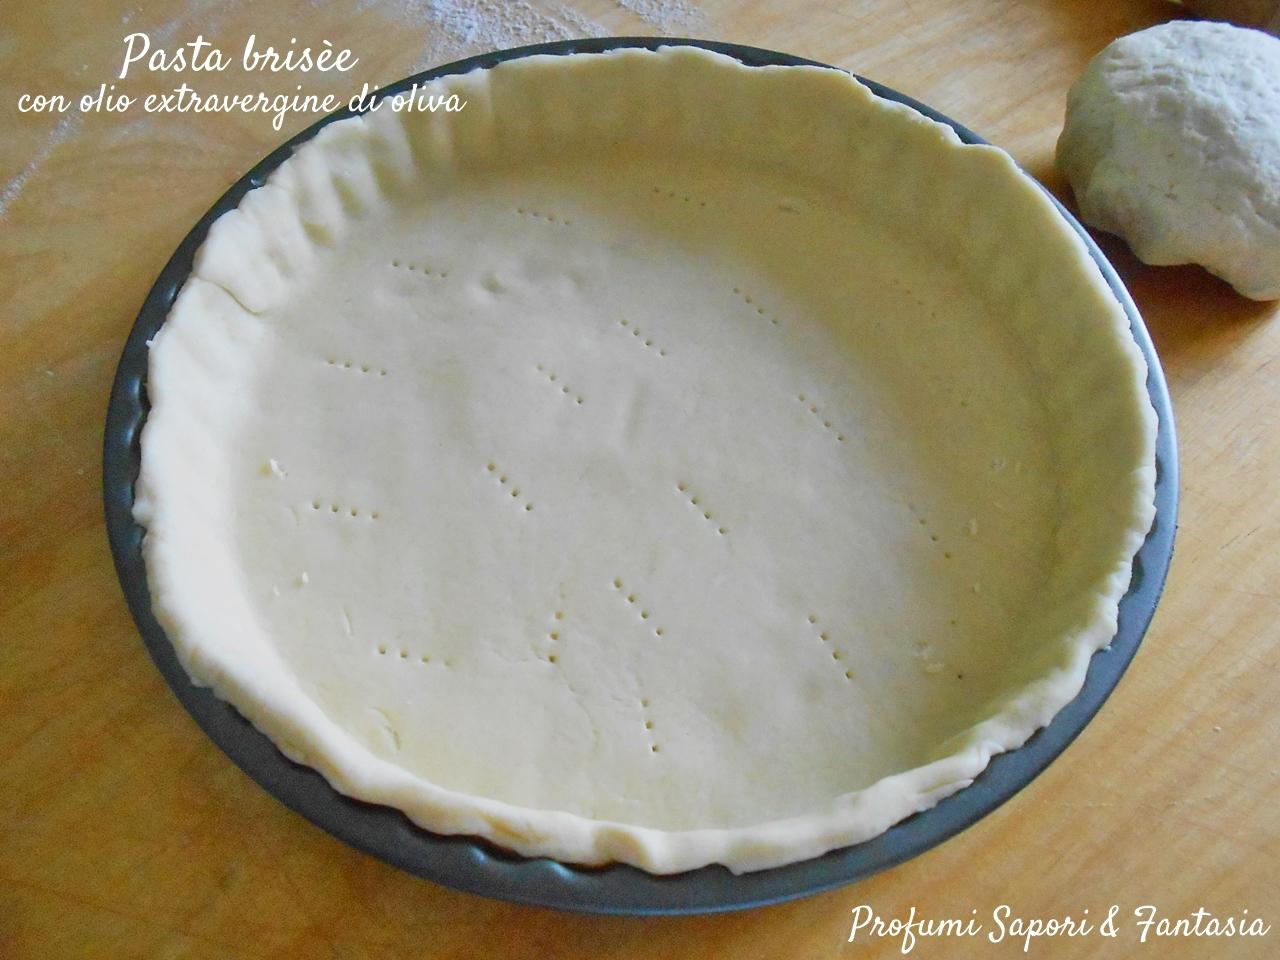 Pasta brisèe con olio extravergine di oliva